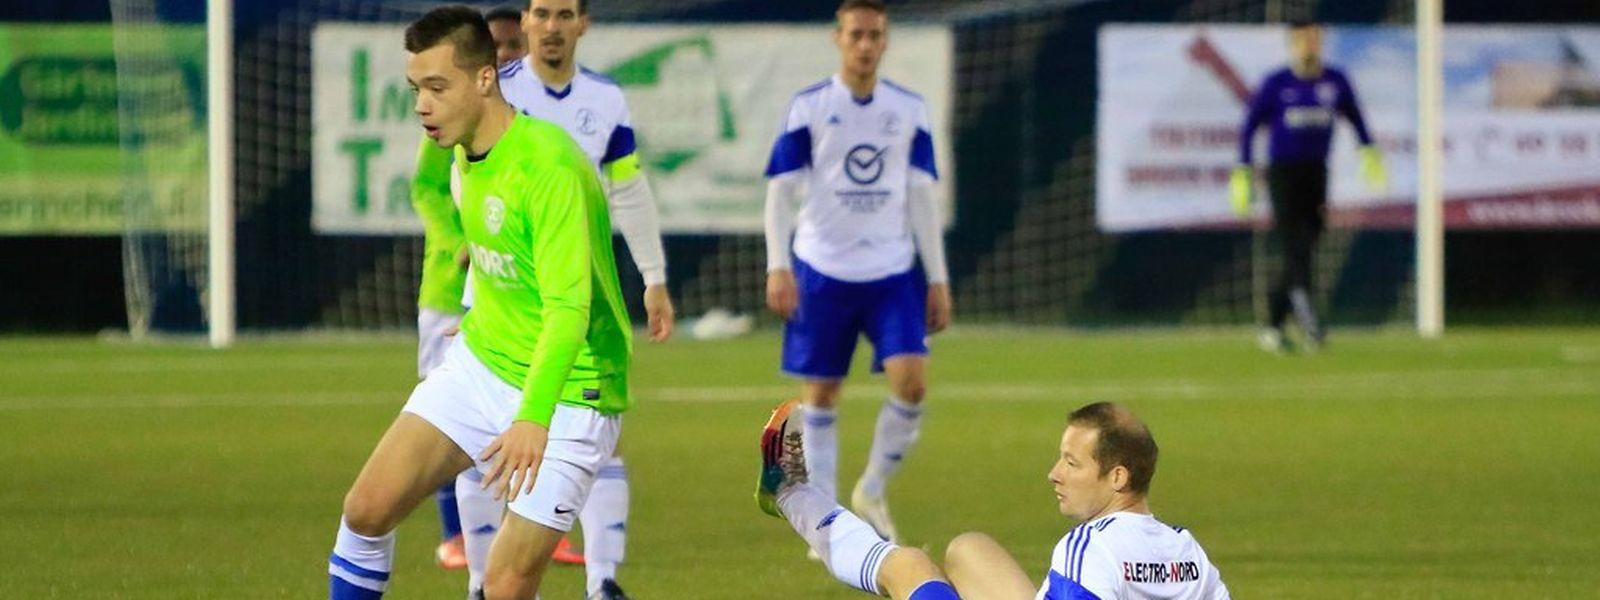 Dany Barrela prend le meilleur sur Alex Schenk. Medernach a disposé de Hosingen 4-1.